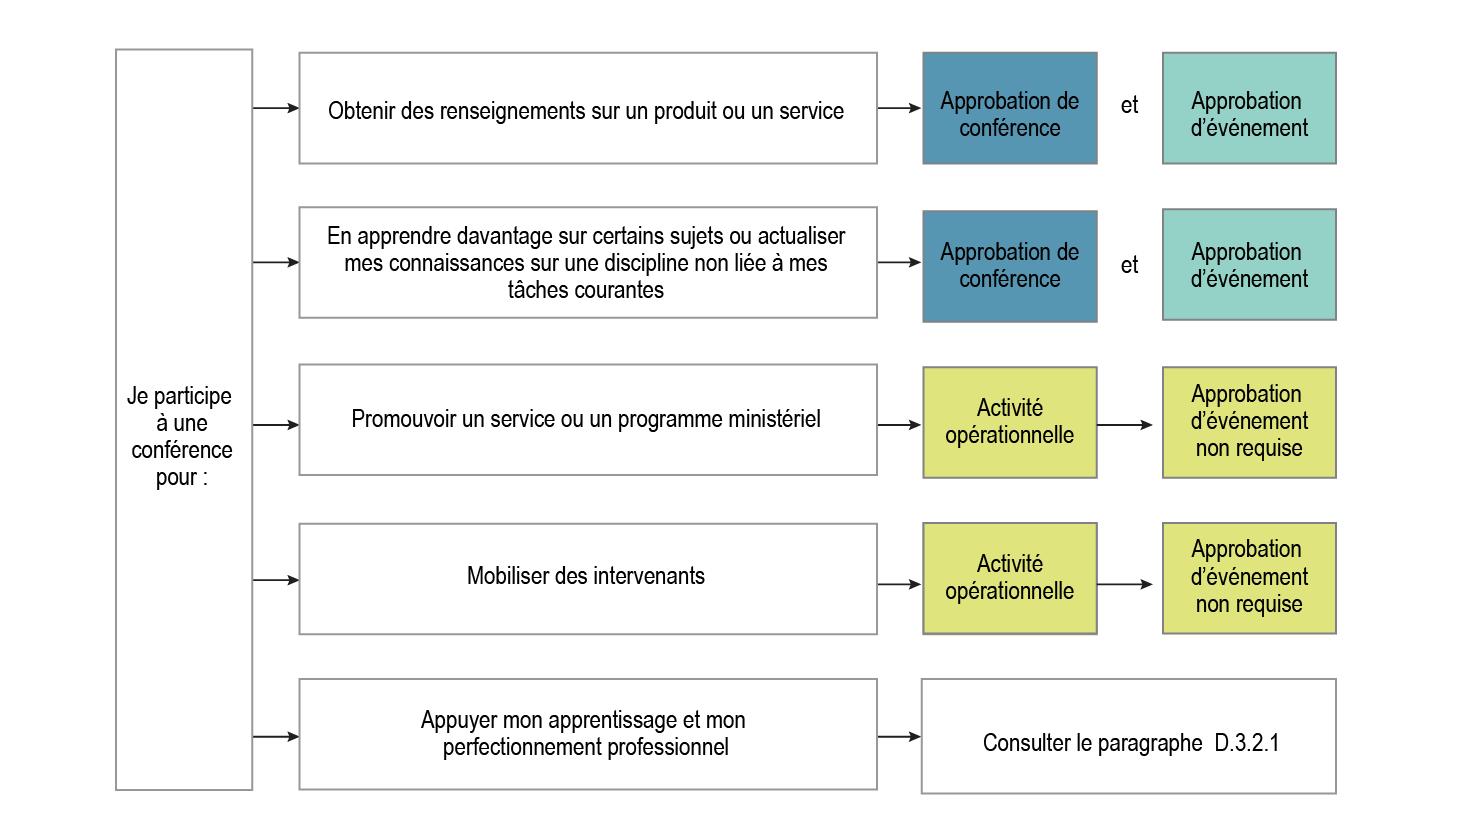 Graphique représentant les différents pouvoirs d'approbation de conférence, version textuelle ci-dessous.